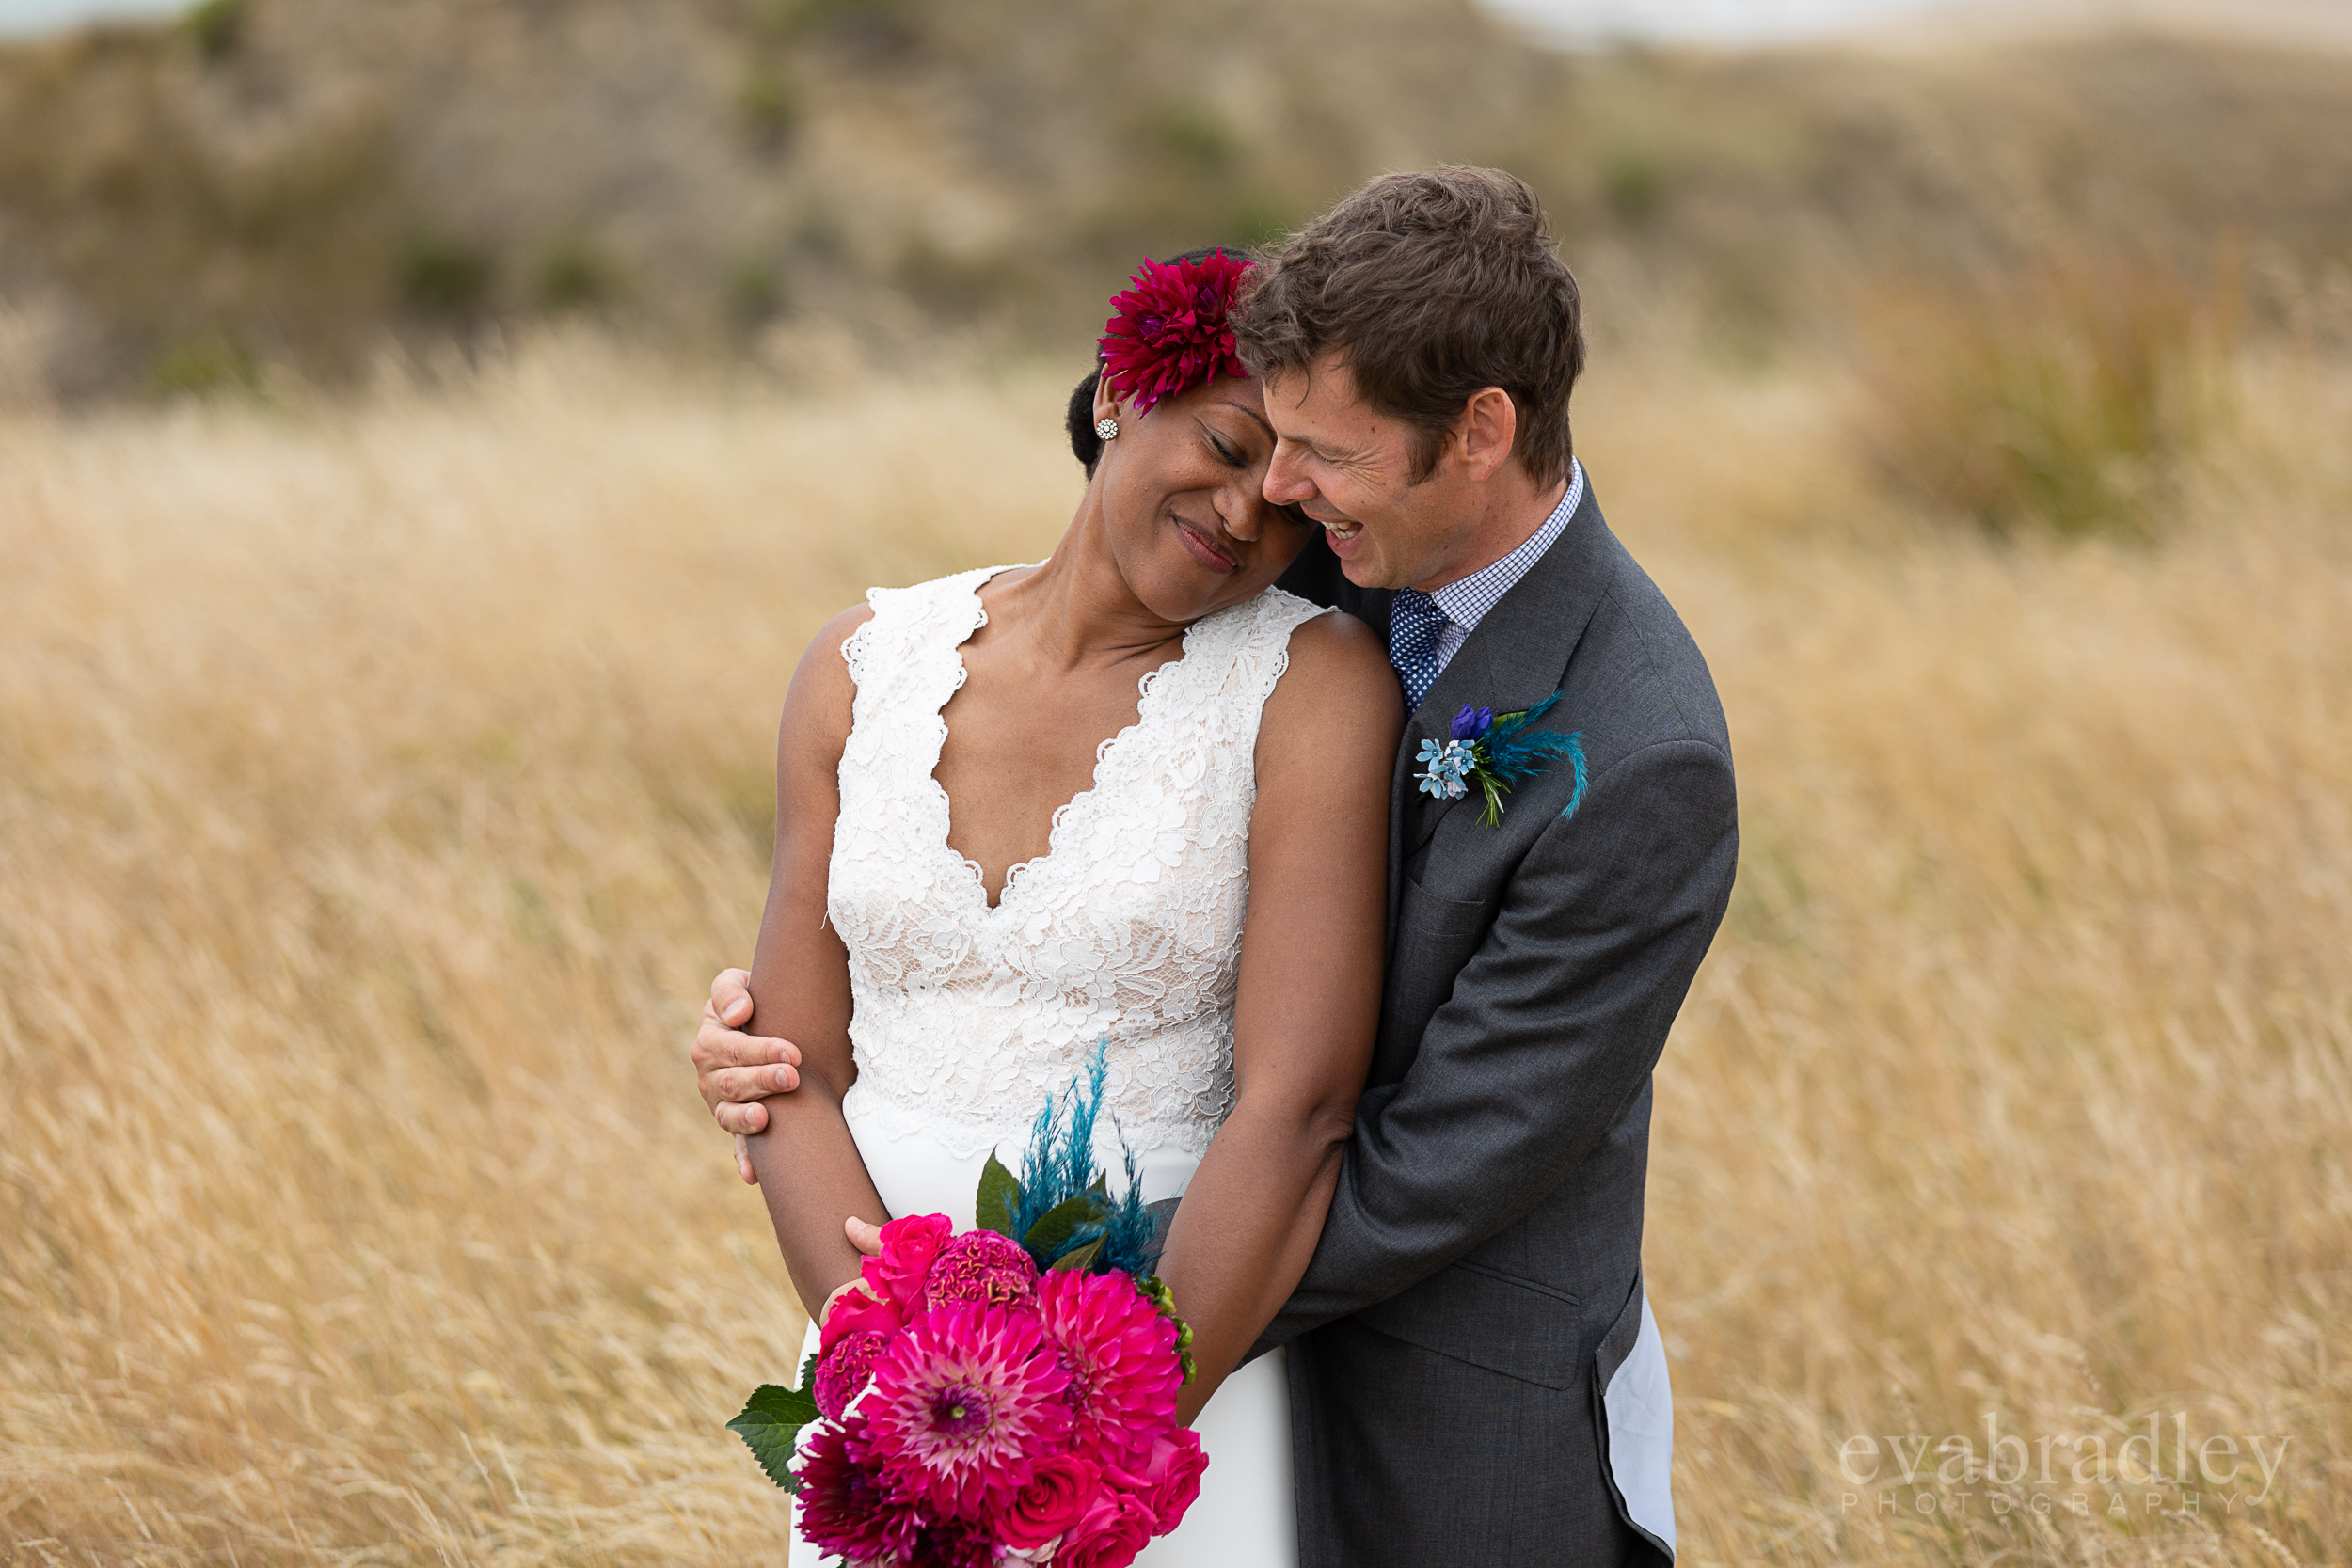 elopement-weddings-nz